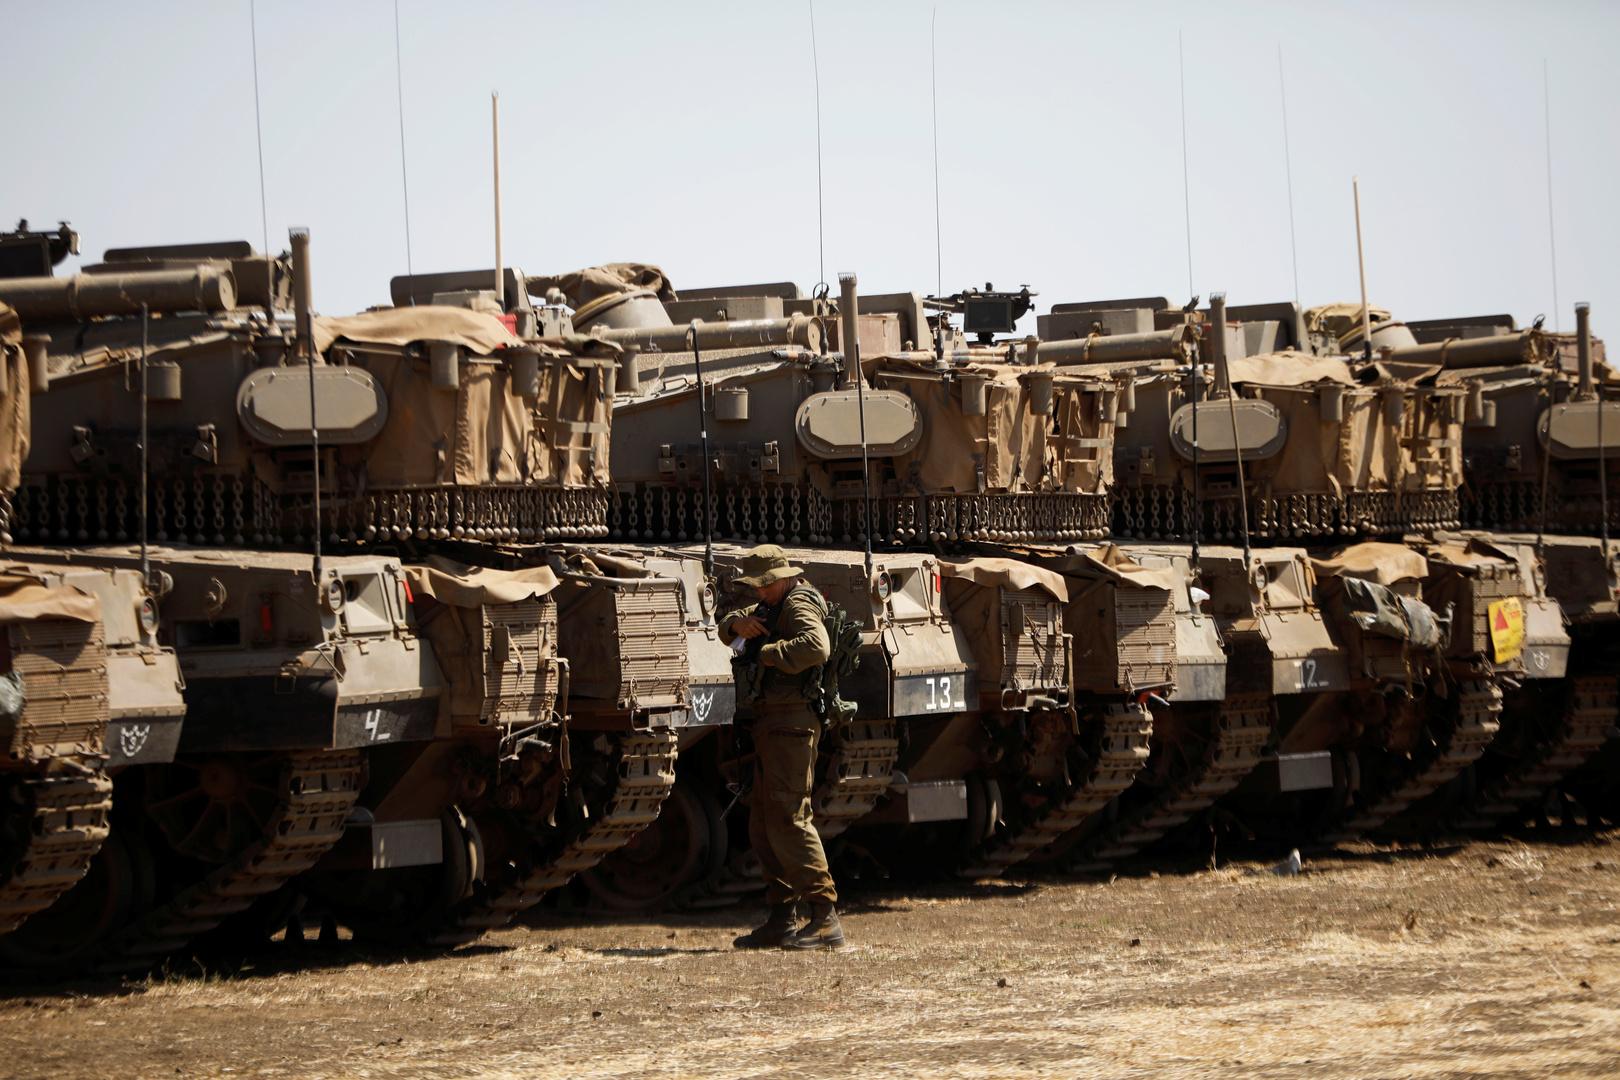 مركز أبحاث أمني إسرائيلي يخطر السلطات بضرورة الاستعداد لخيار عسكري في مواجهة